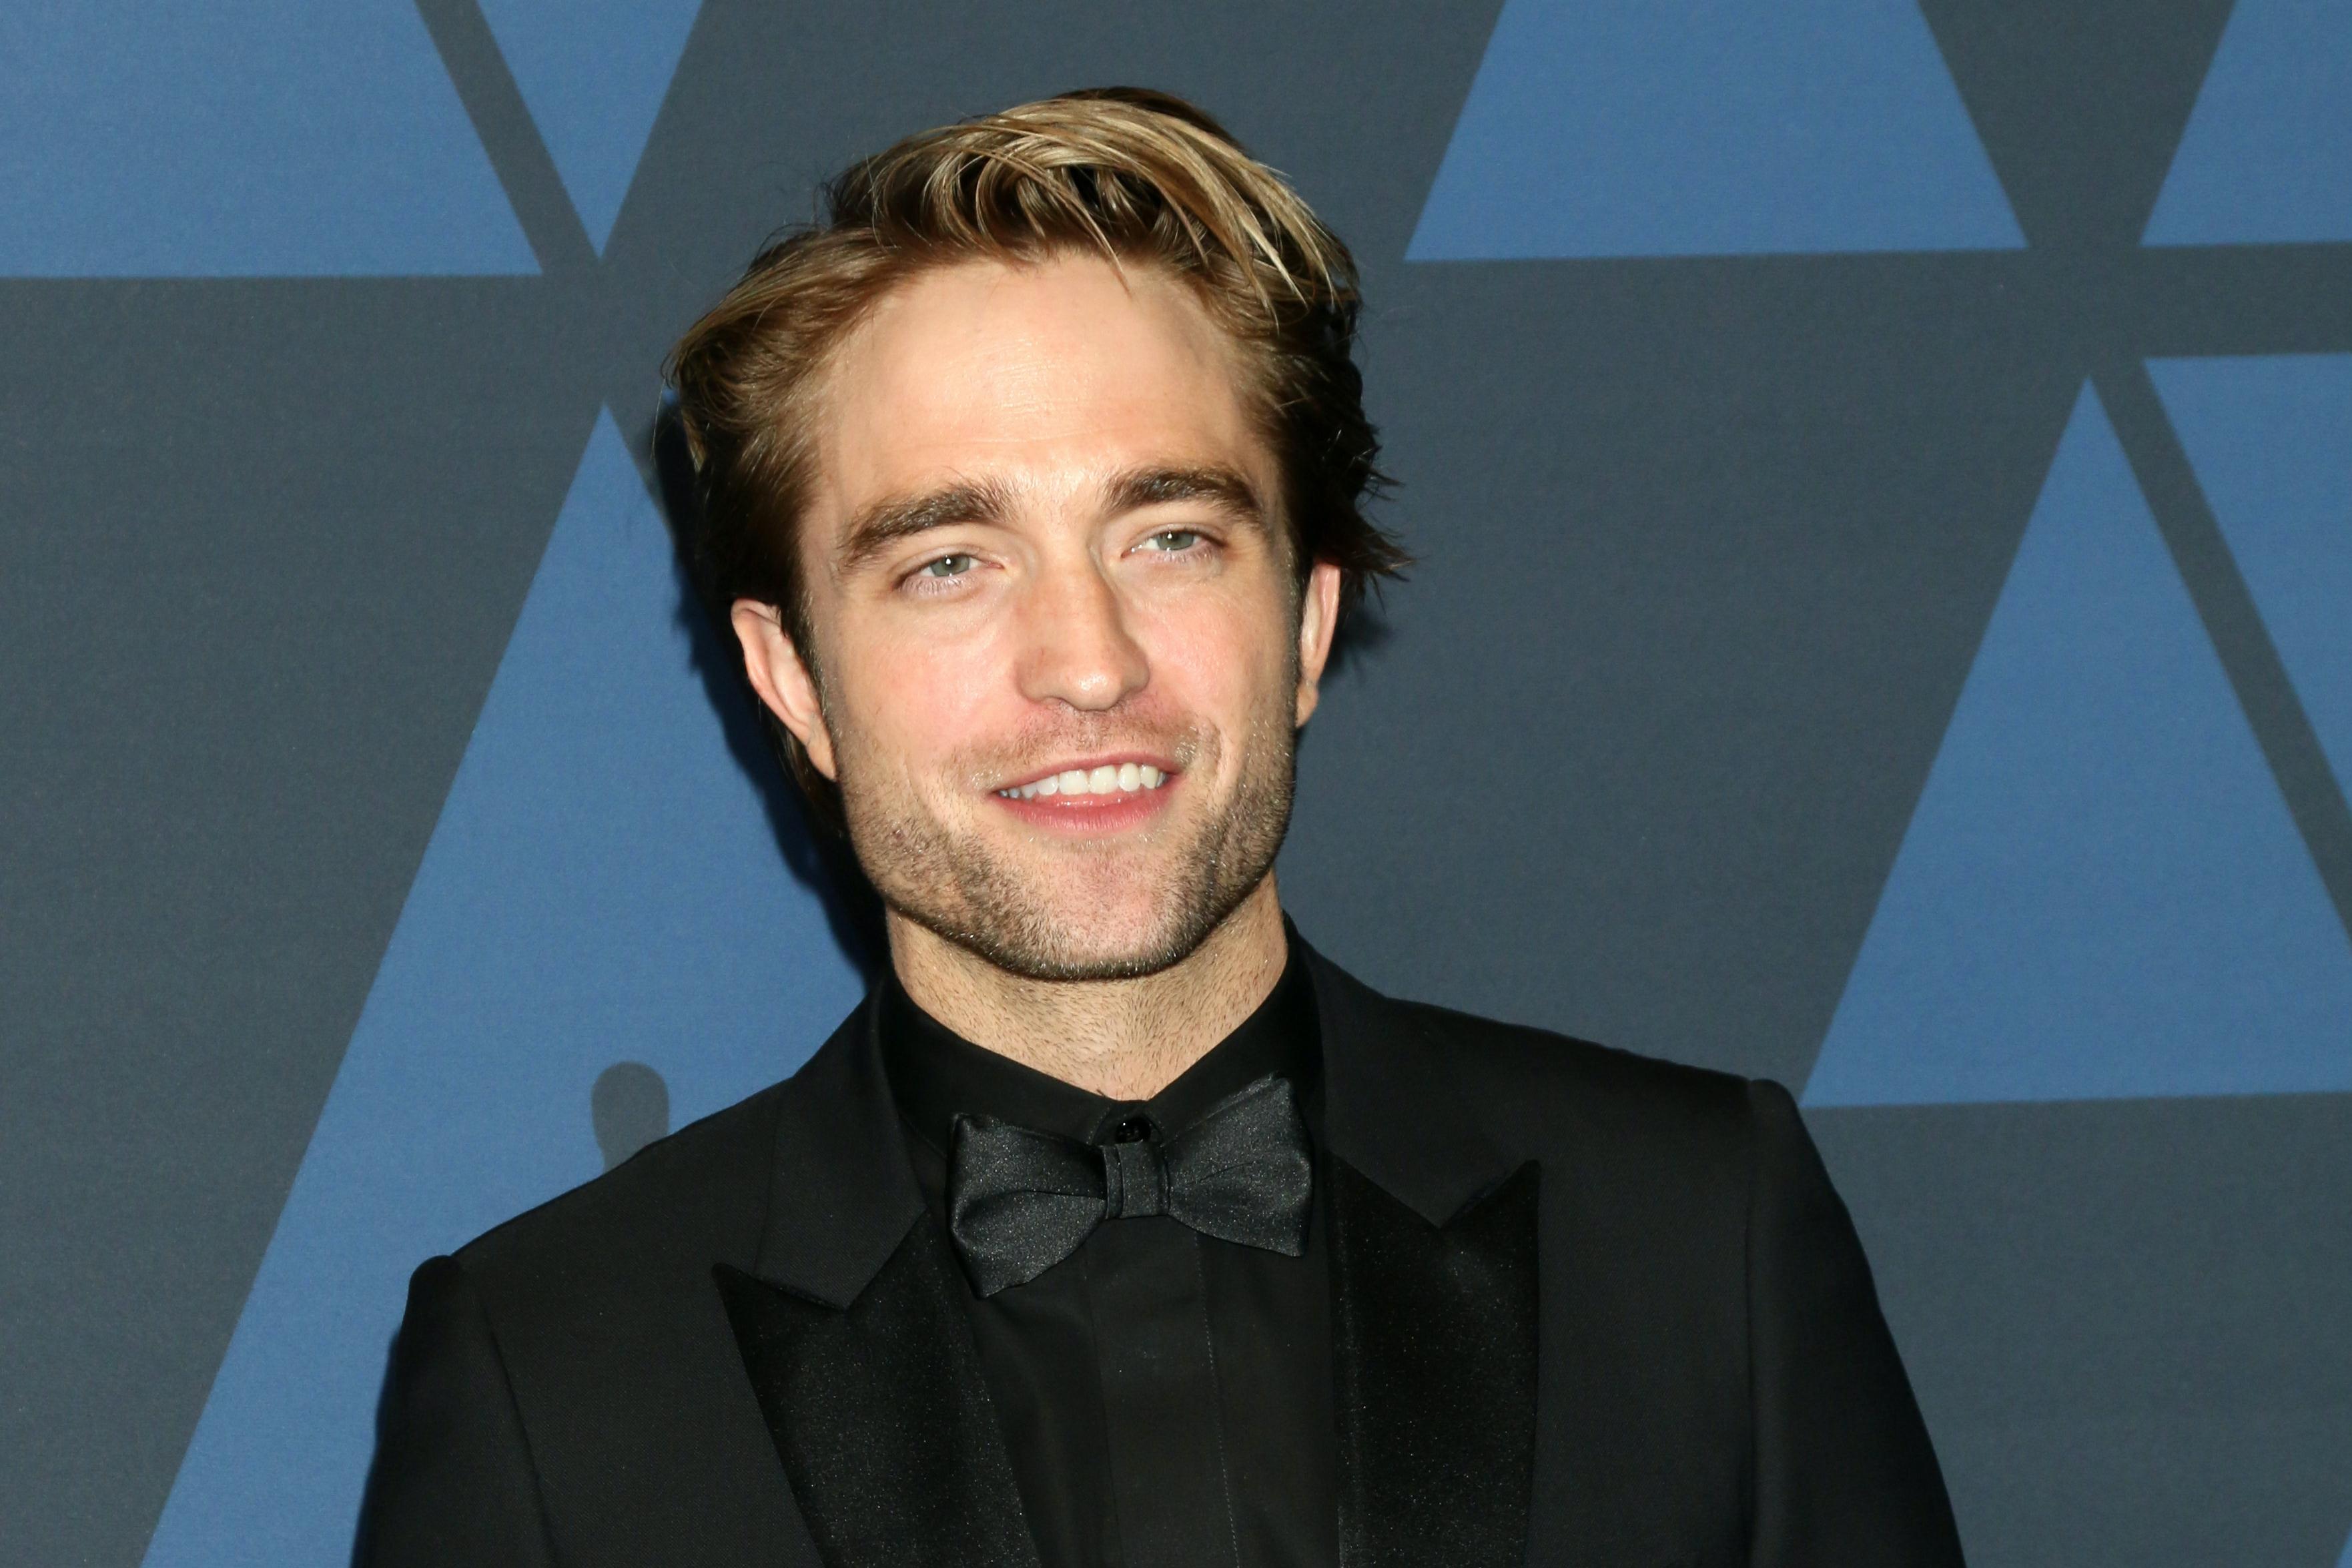 Robert Pattinson smiling.